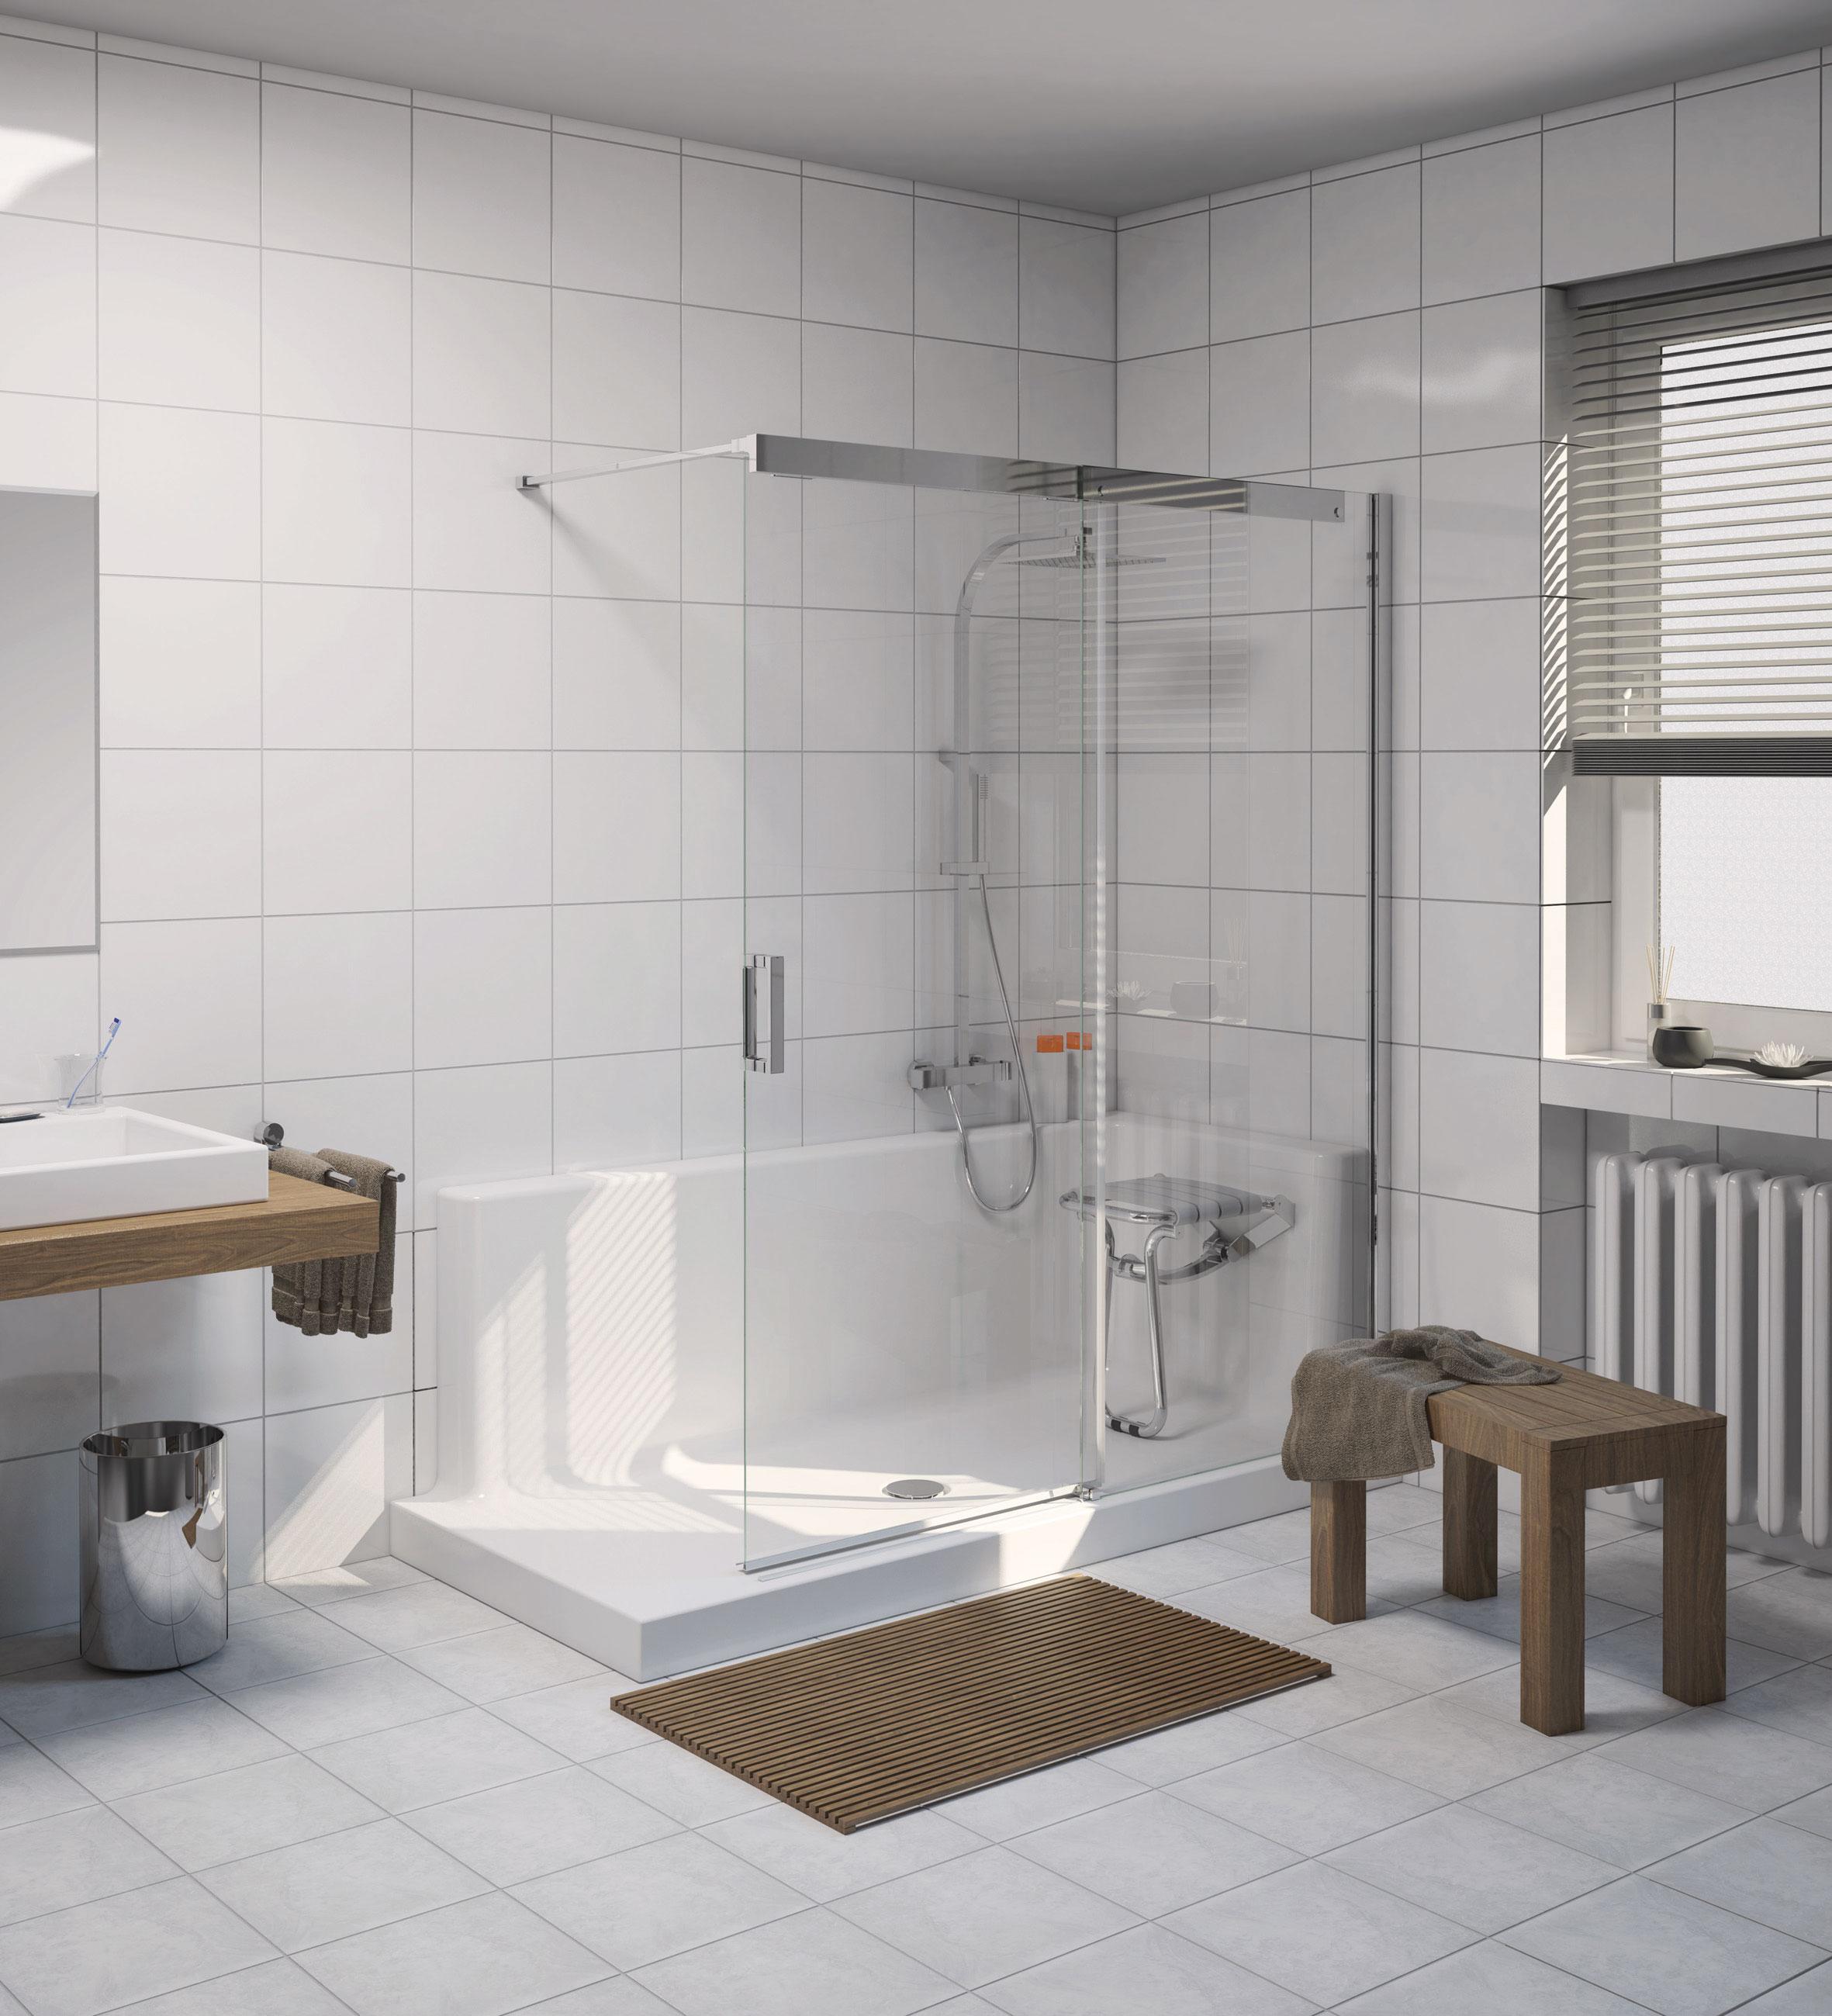 Stiehle Barrierefreie & Bodenebene Dusche